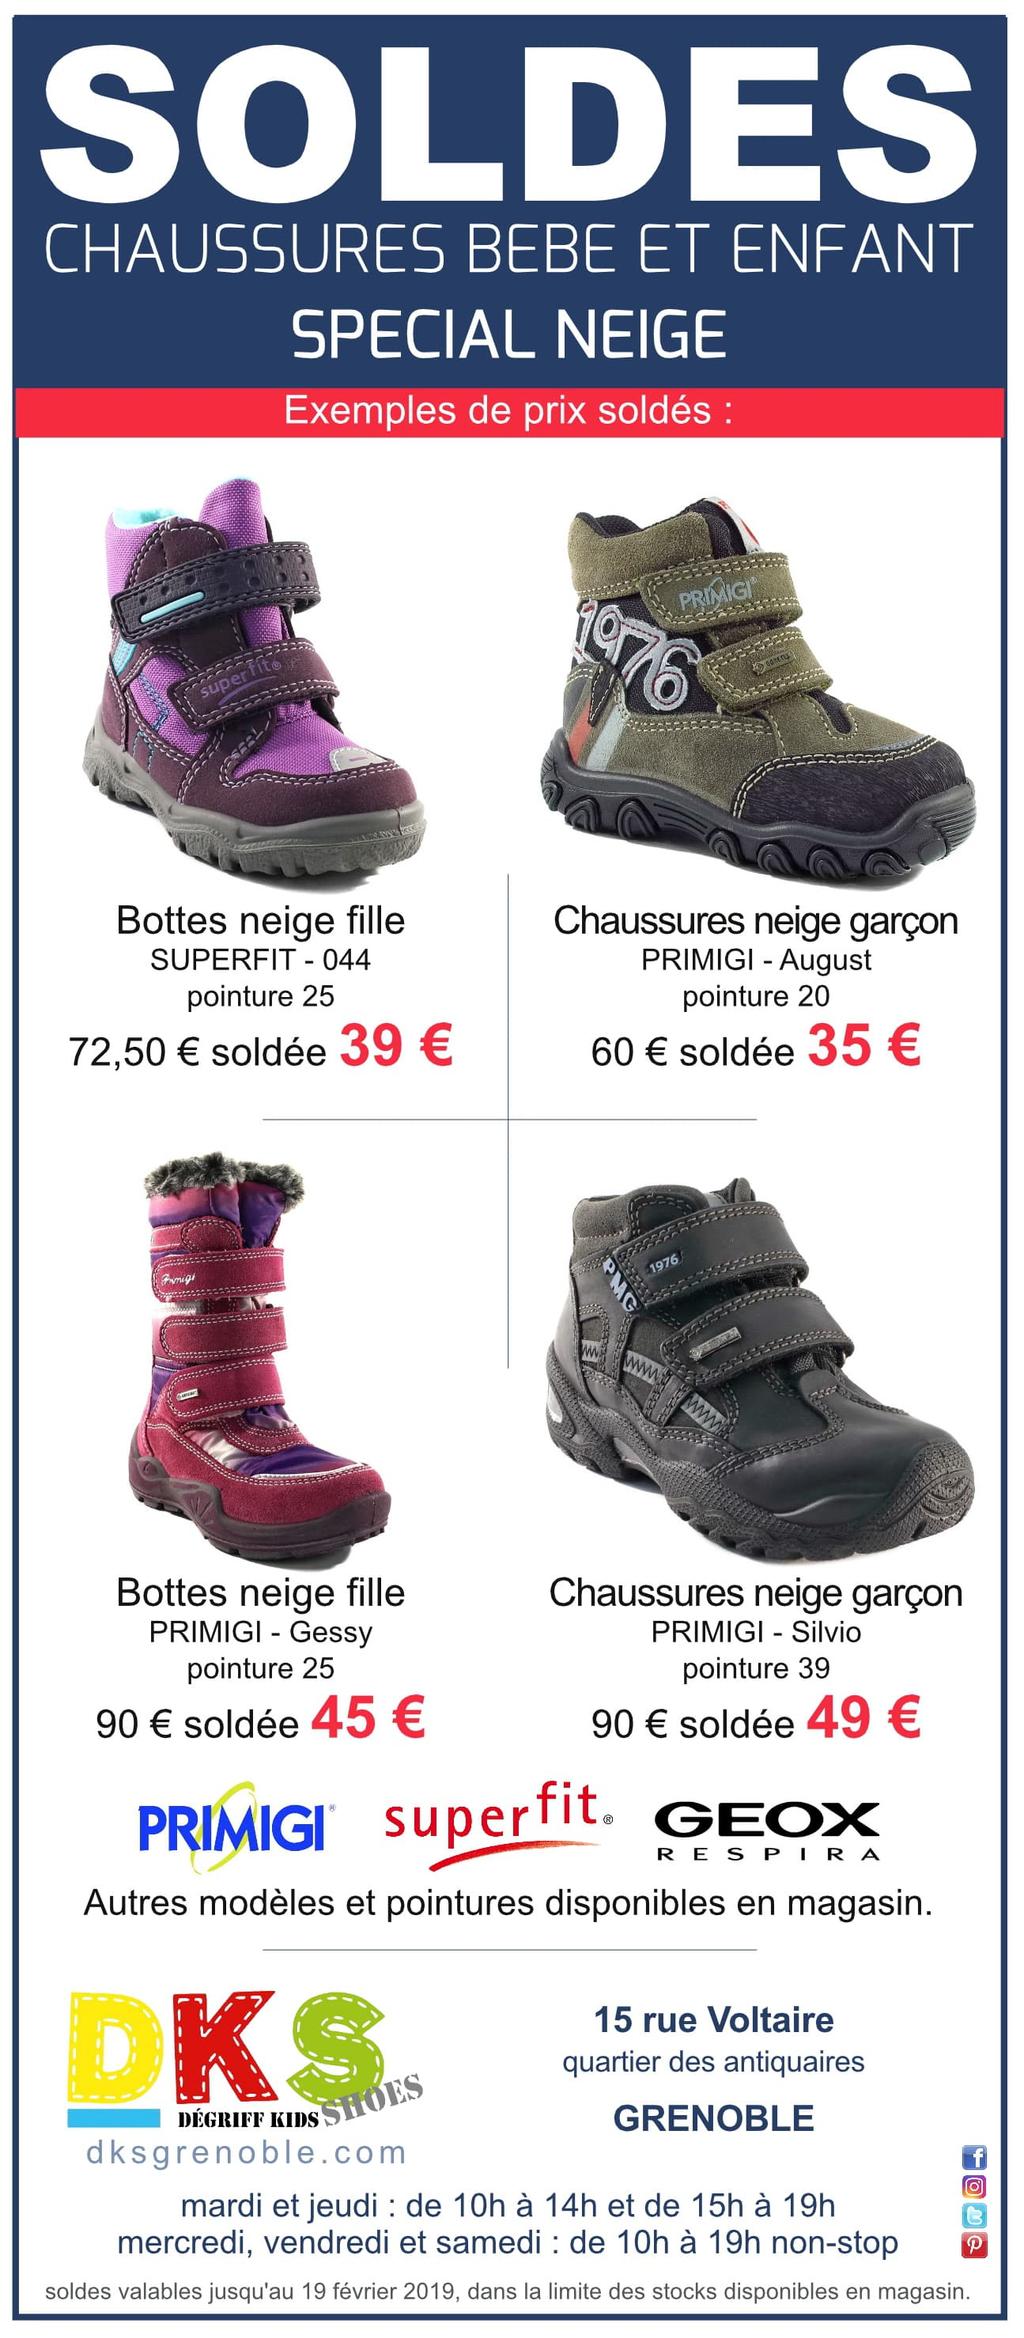 e61e344e8a5e0 SOLDES chaussures neige bébé enfant Grenoble